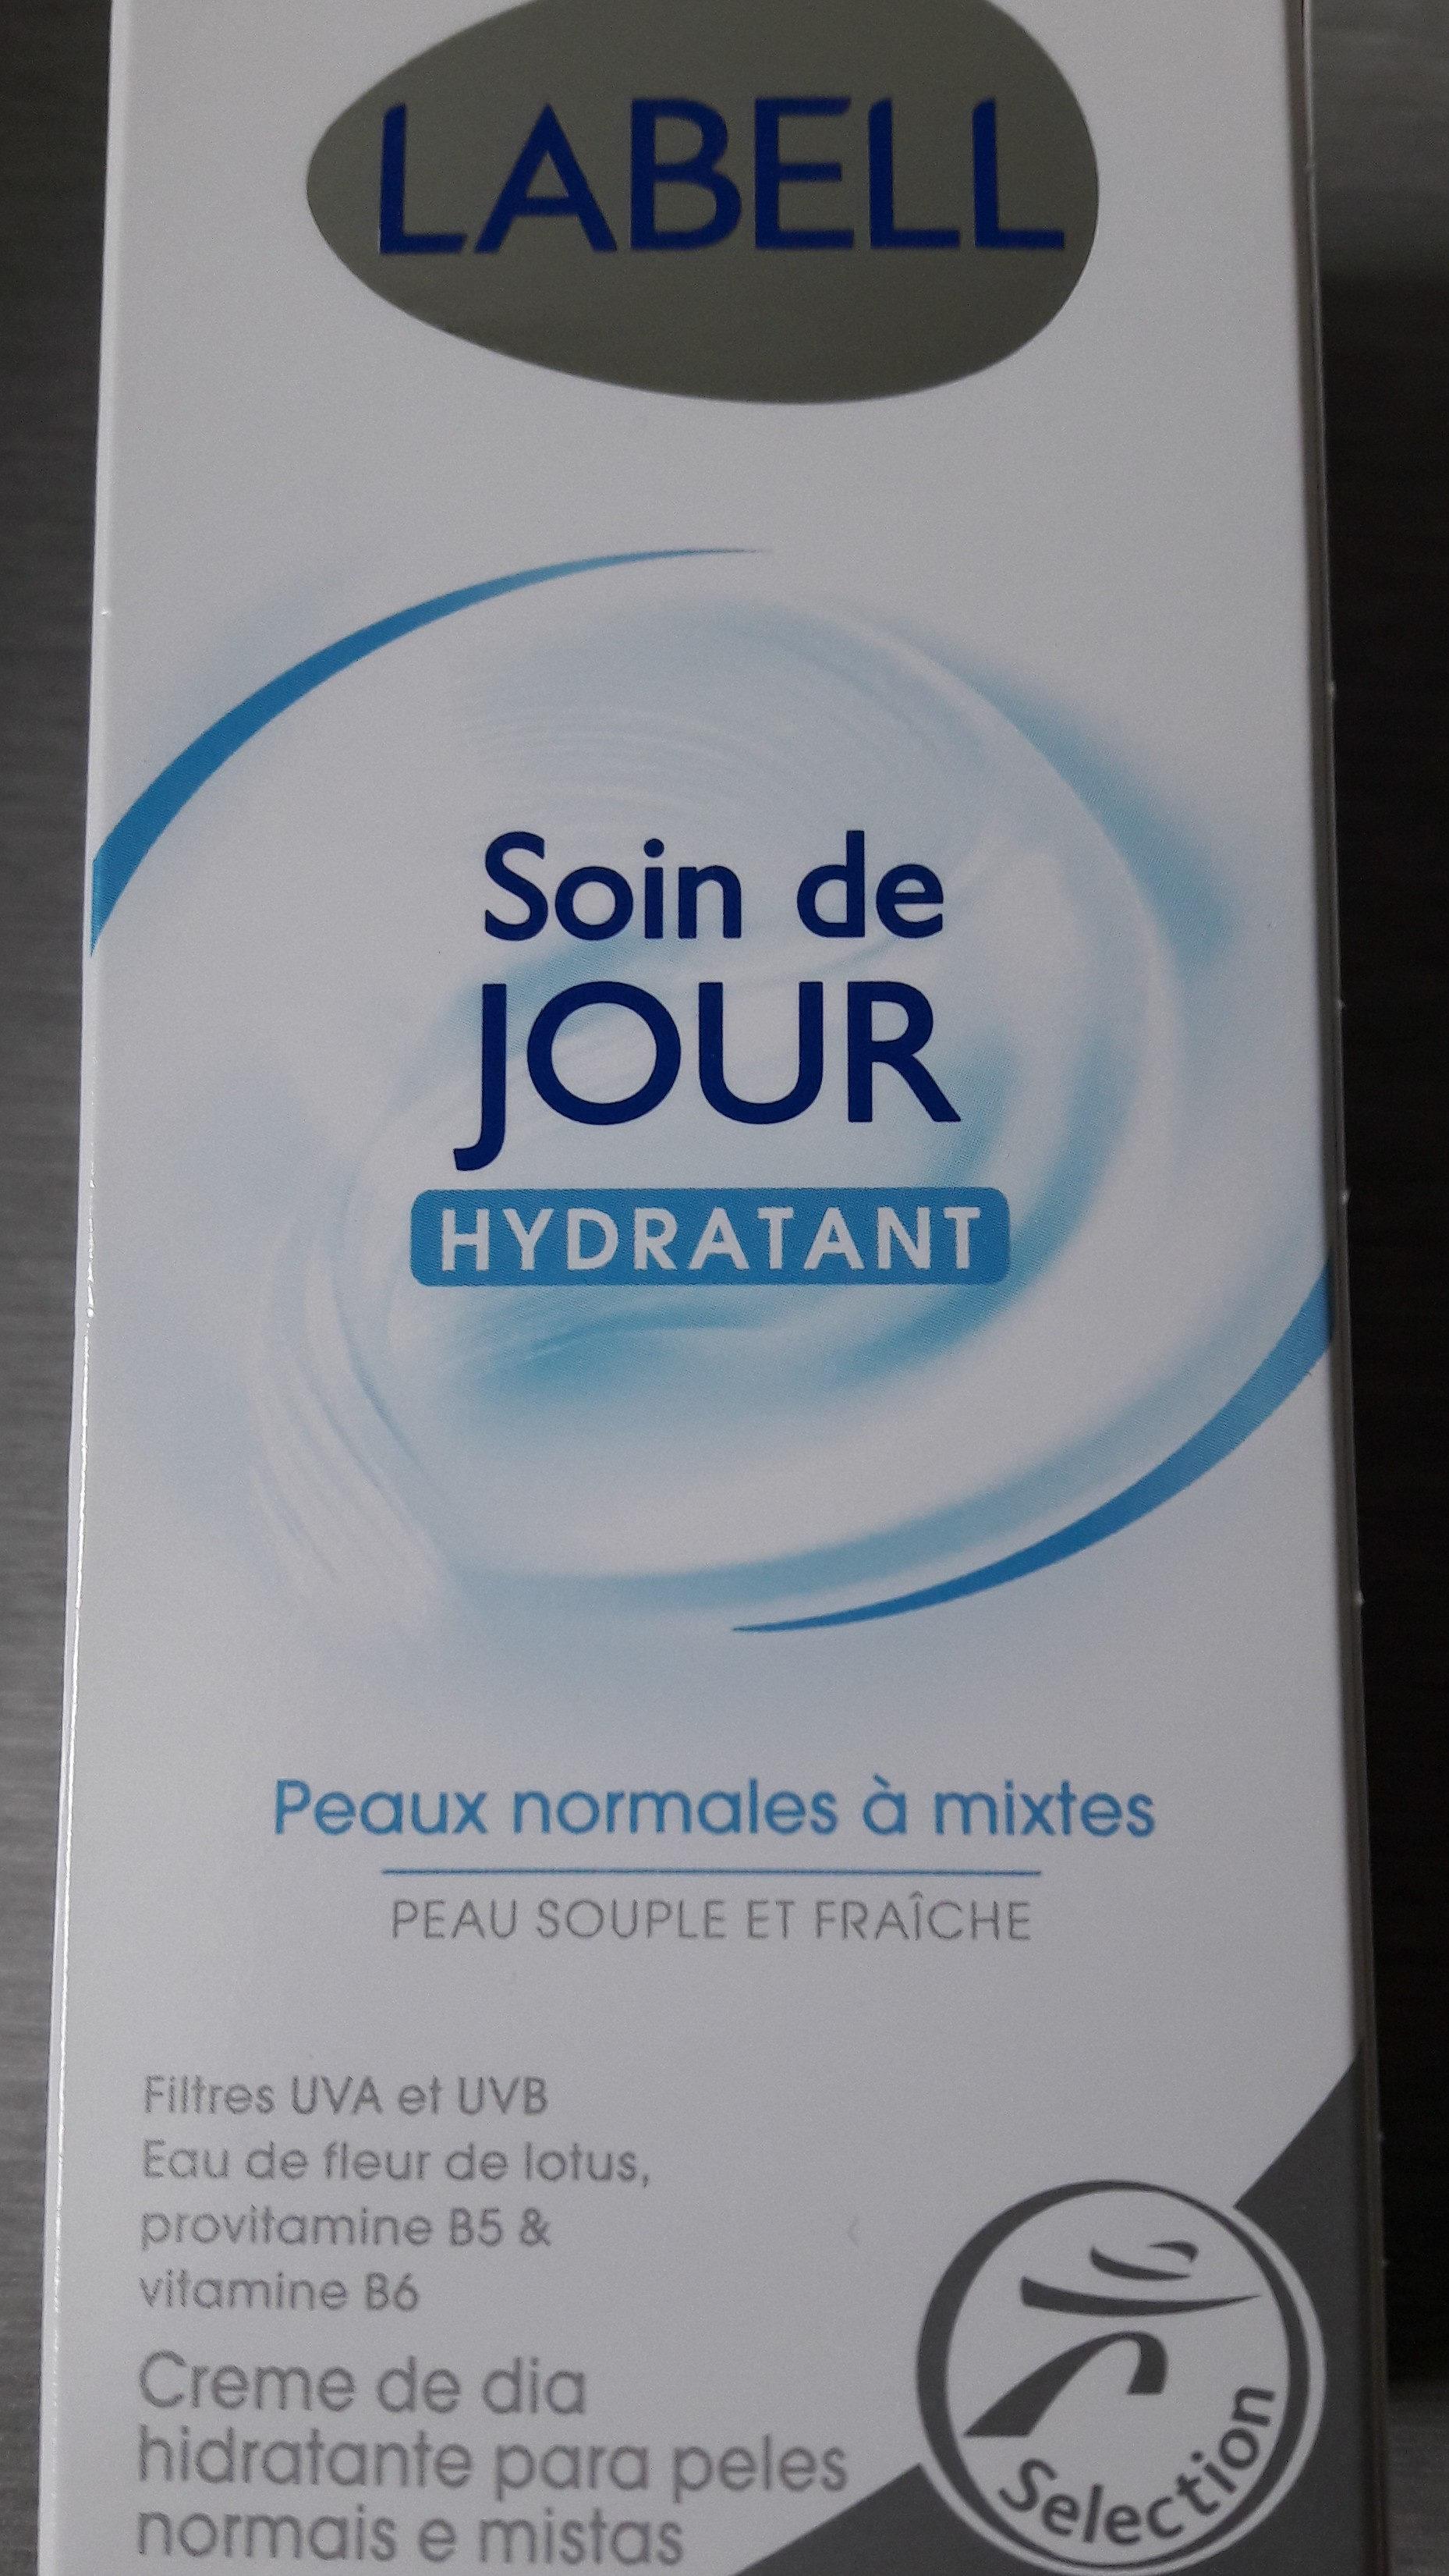 Soin de jour hydratant - Product